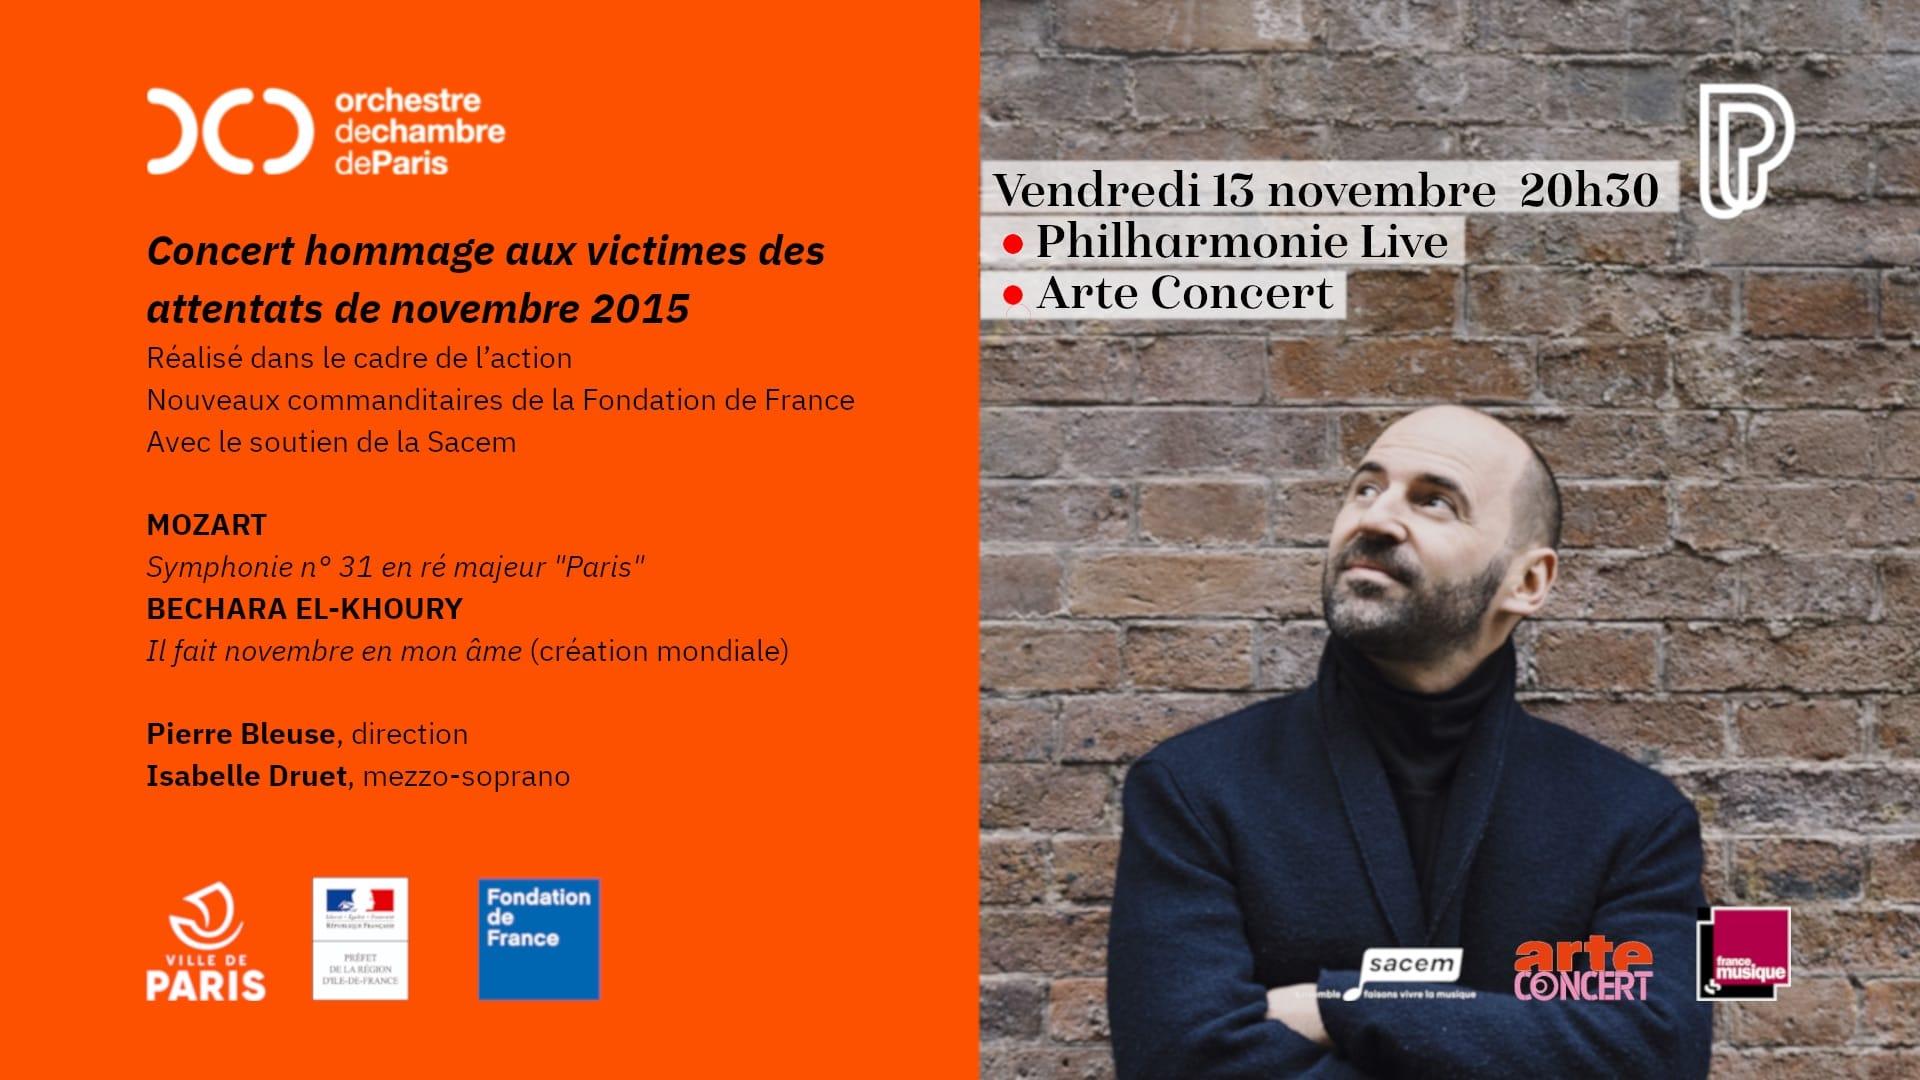 Concert hommage aux victimes des attentats de novembre 2015 musique